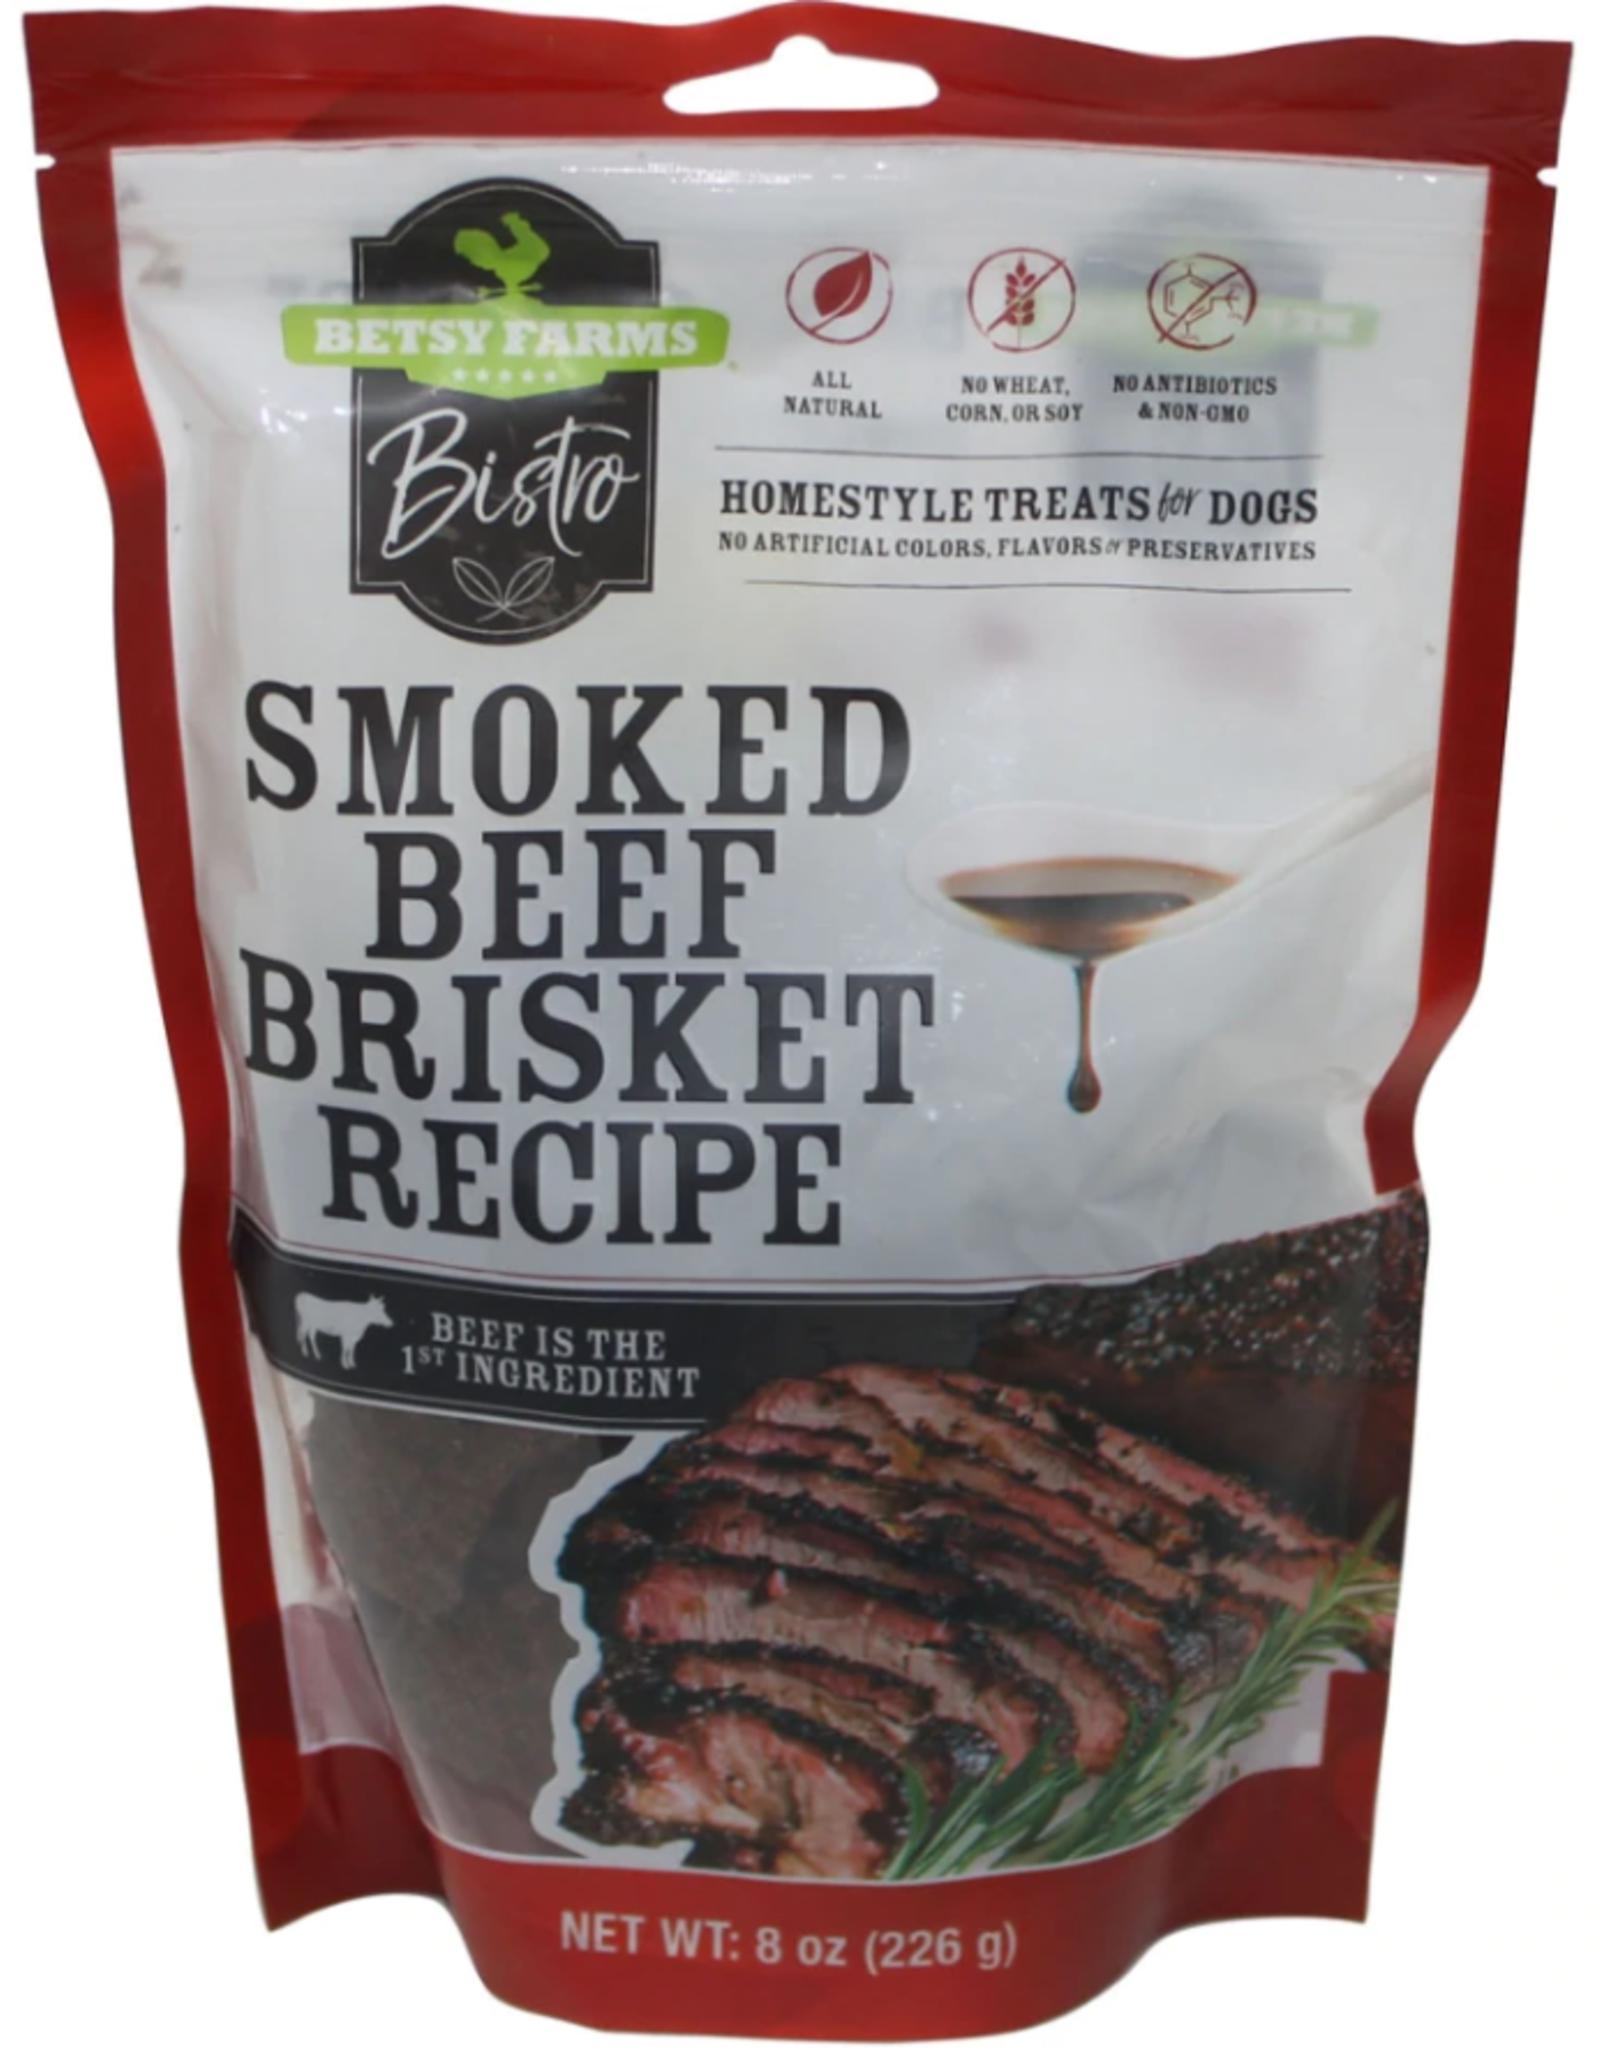 BETSY FARM BISTRO SMOKED BEEF BRISKET 8OZ discontinued pvff